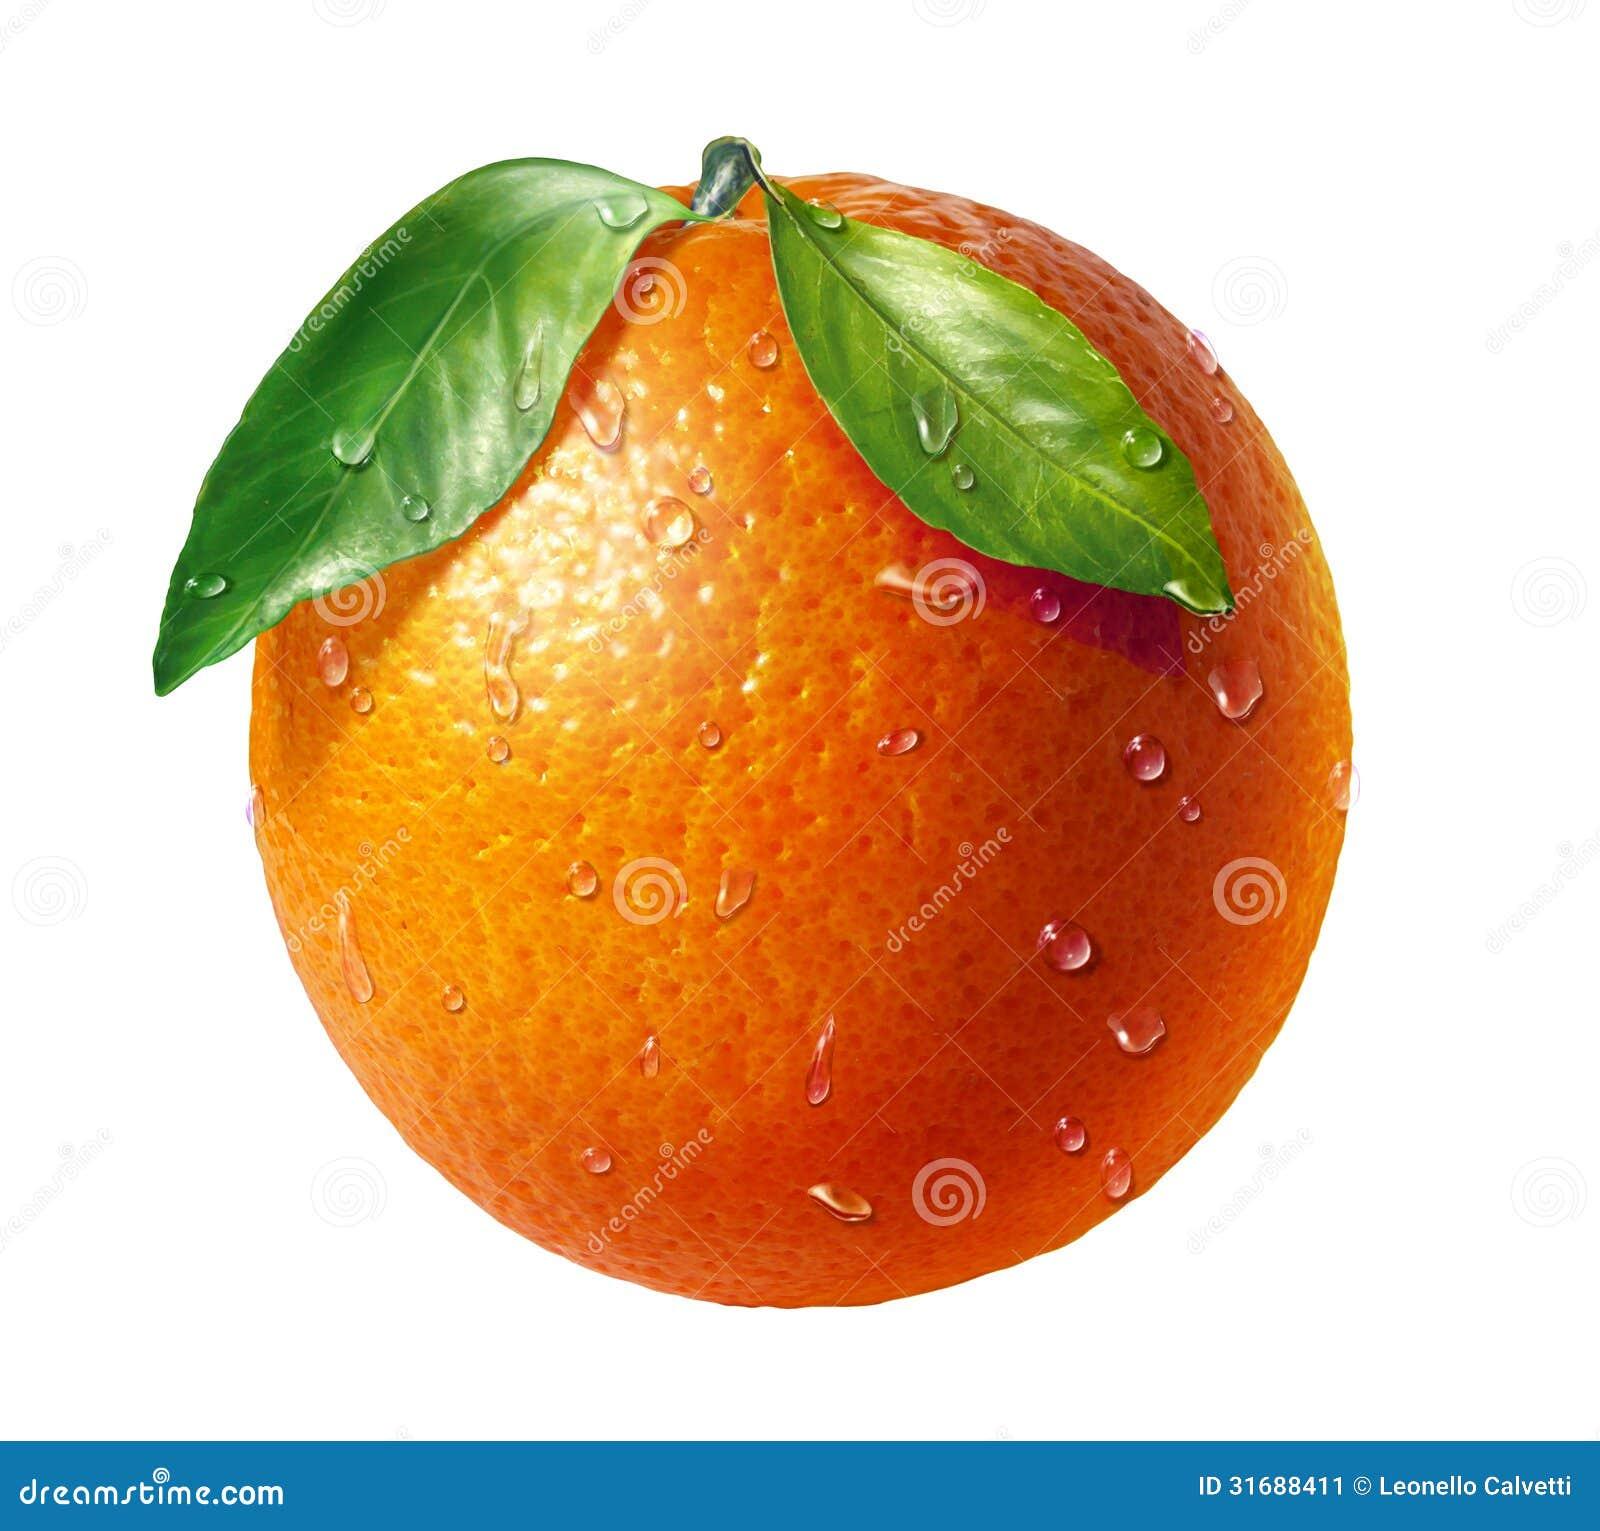 fruit frais orange avec deux feuilles et gouttelettes d 39 eau au fond blanc image stock image. Black Bedroom Furniture Sets. Home Design Ideas